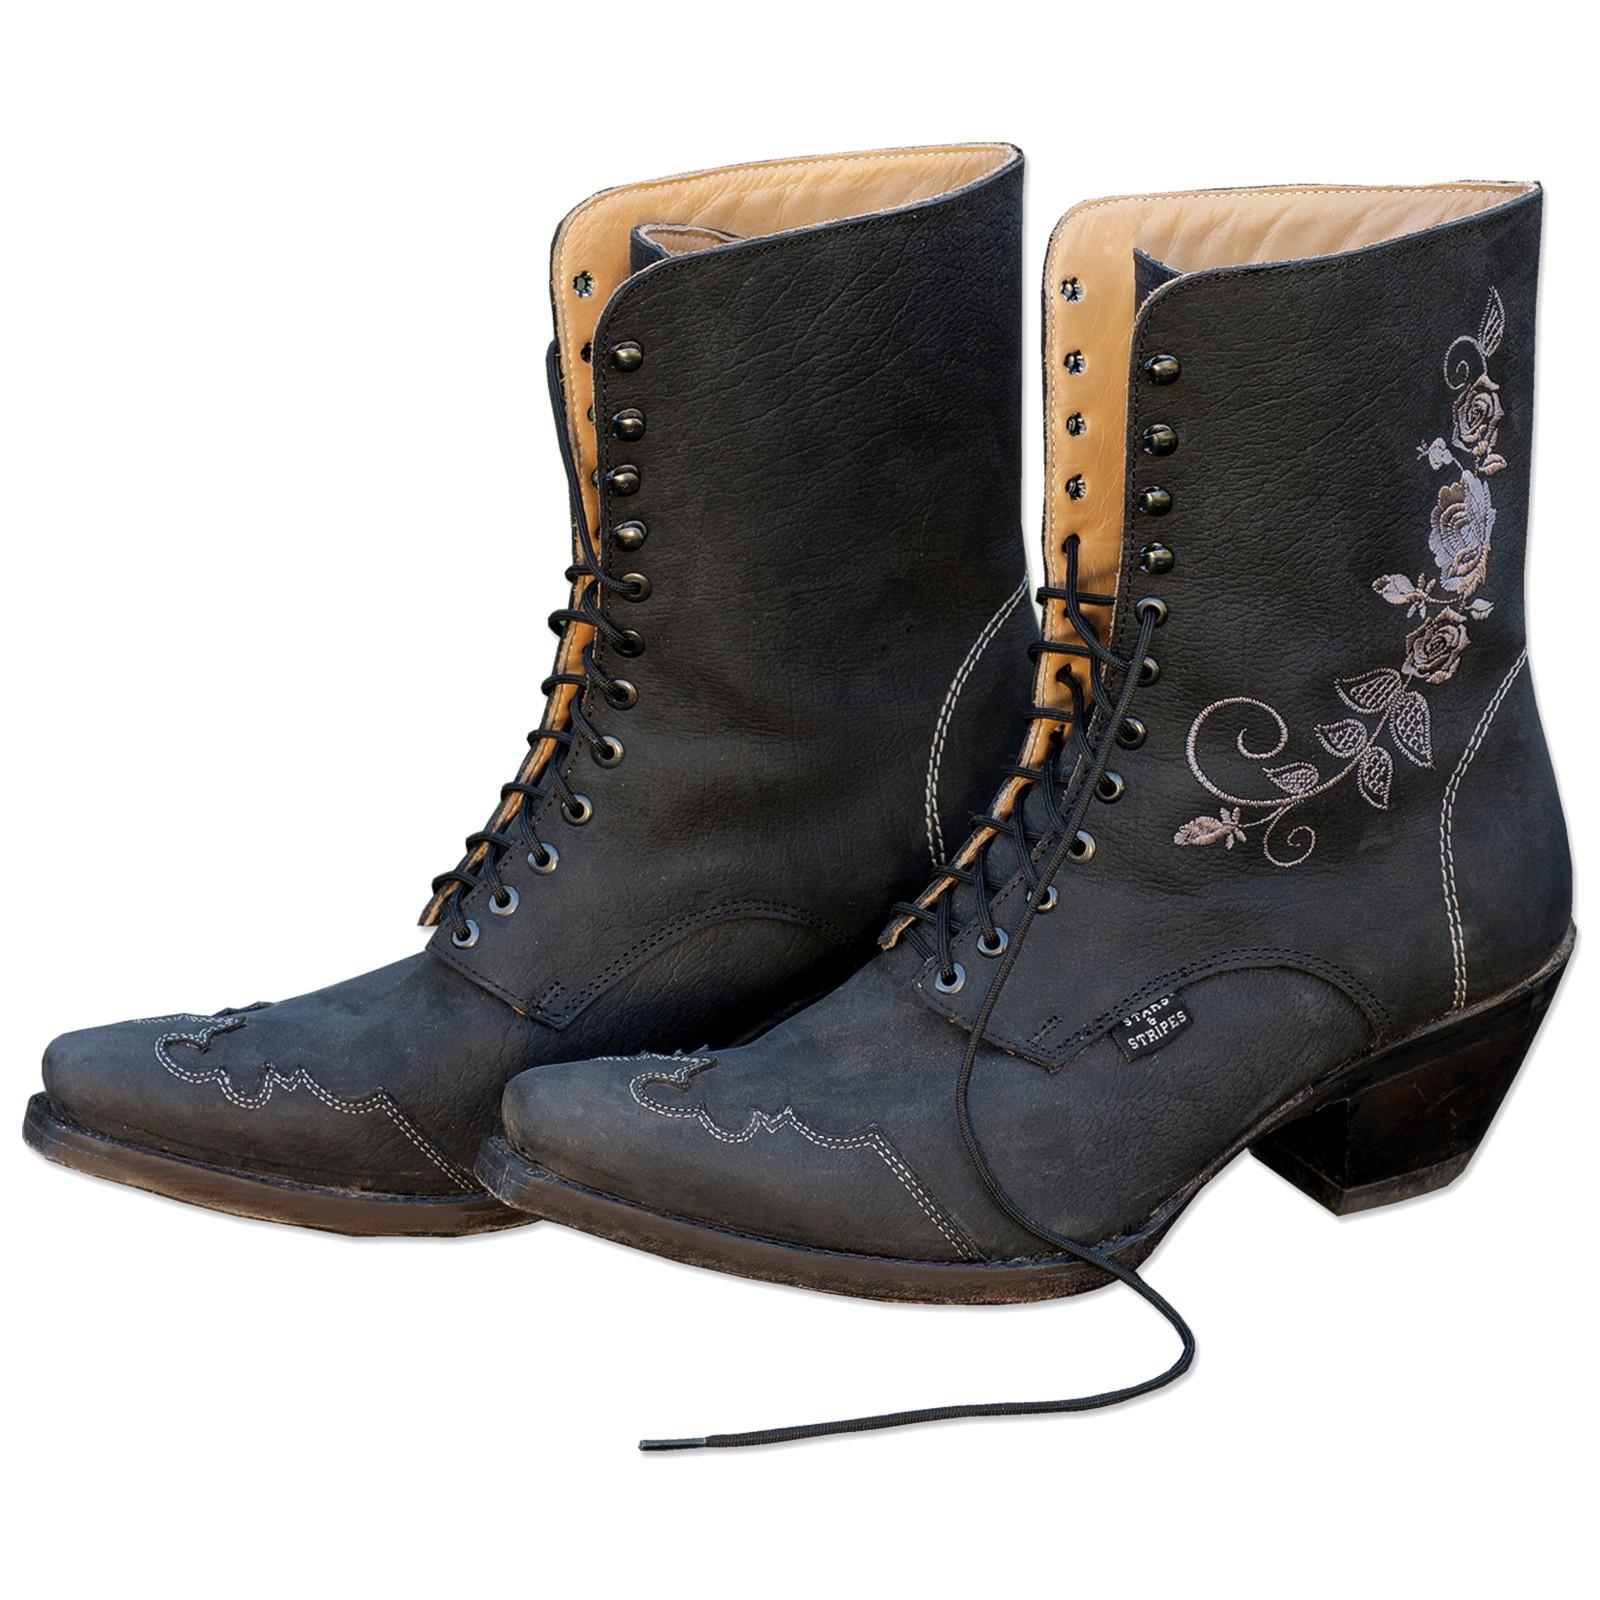 Stars & Stripes Damen Stiefel Western Boots »ROSI« Schwarz